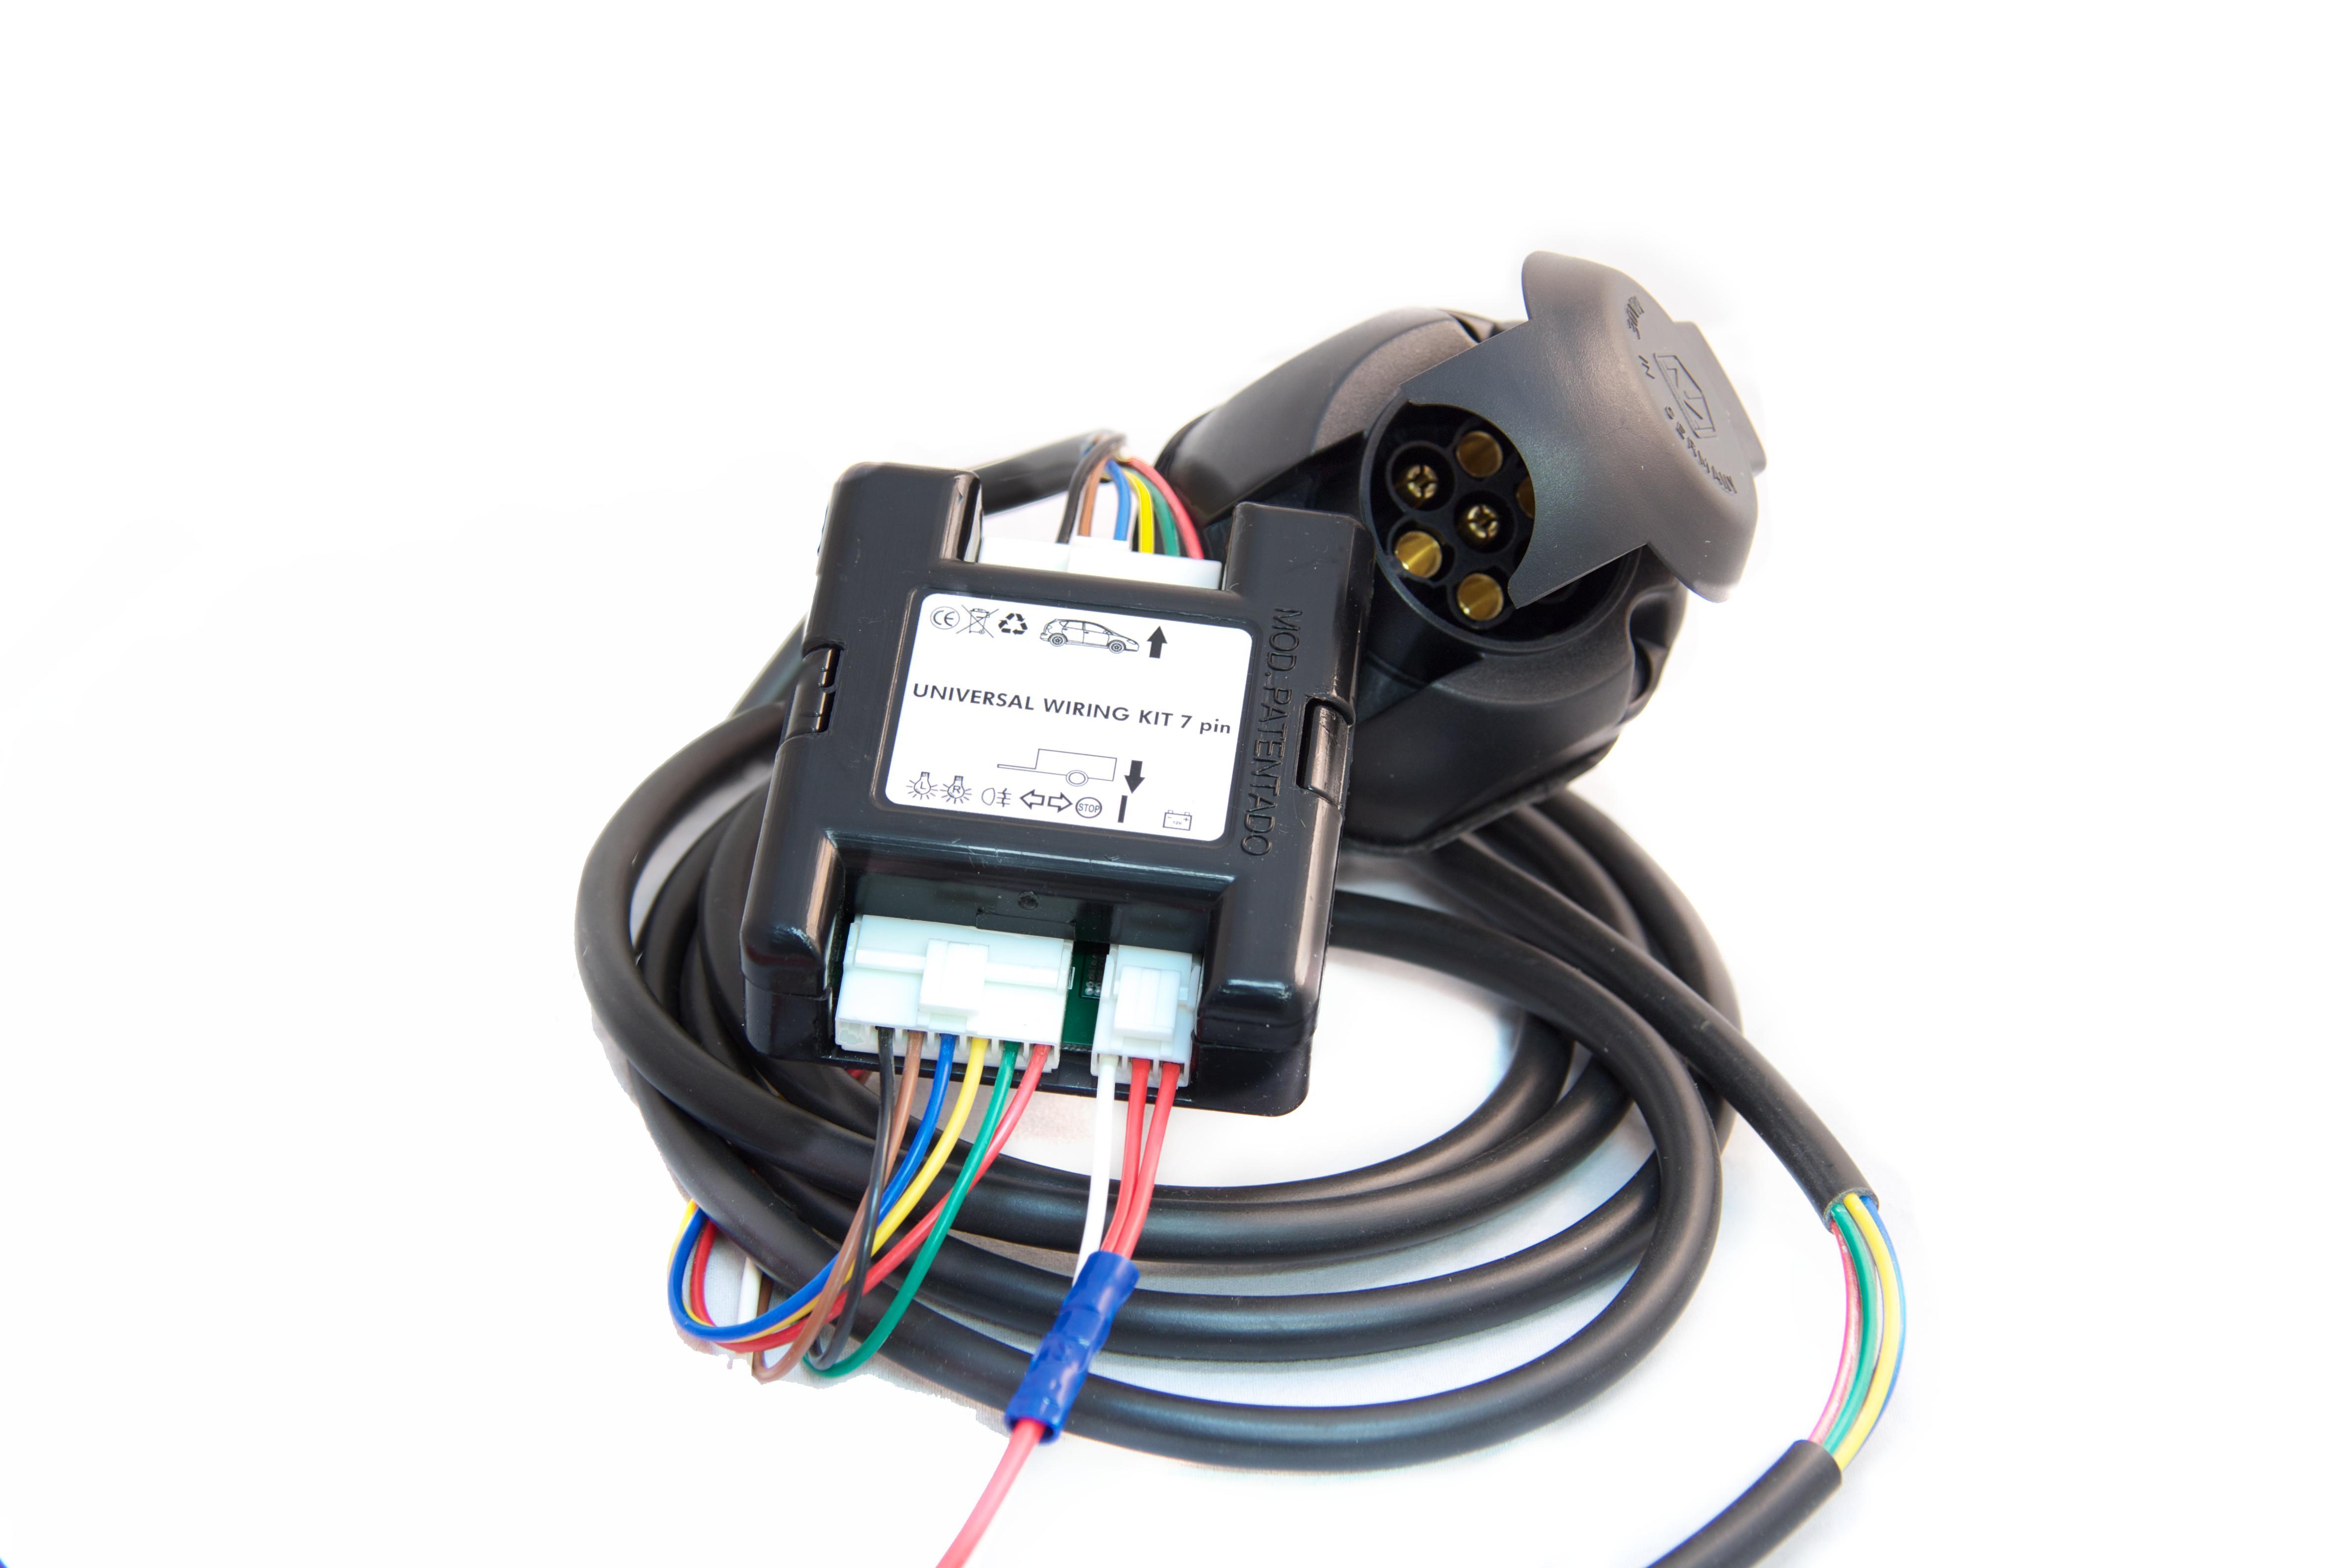 Universal Wiring Kit 7 Pin - Wiring Solutions